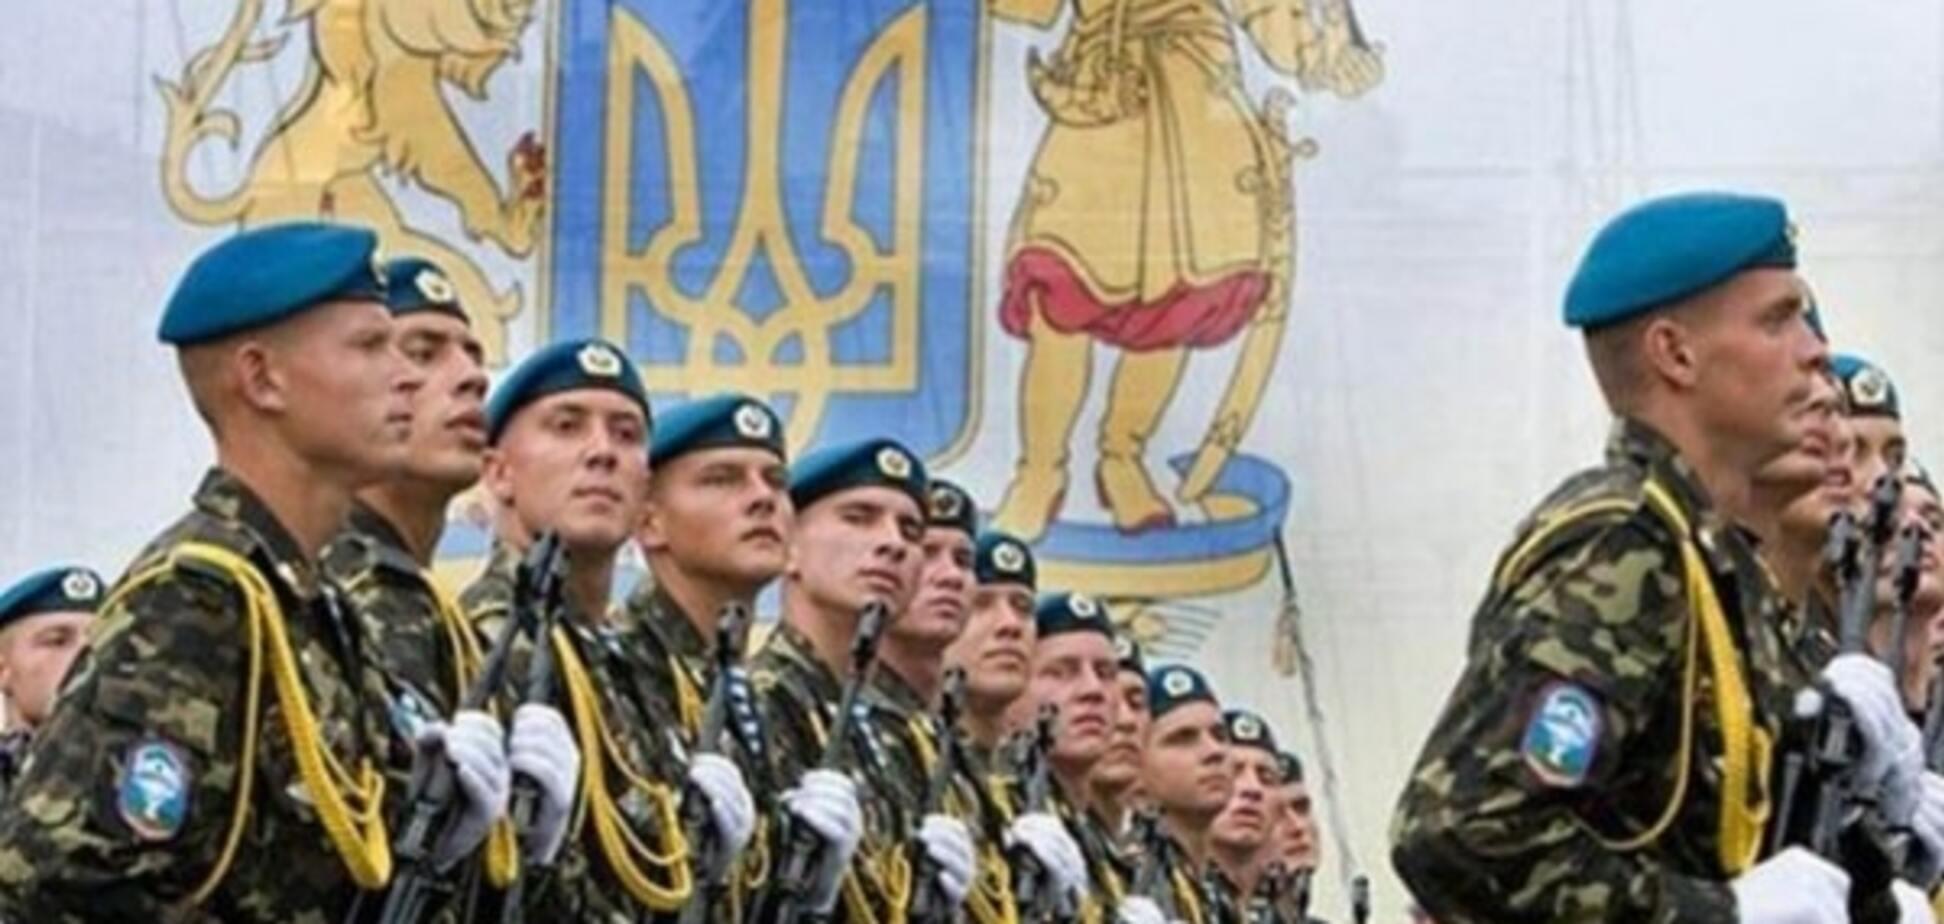 Більш ніж 50% молодих українців готові воювати за свою країну - опитування